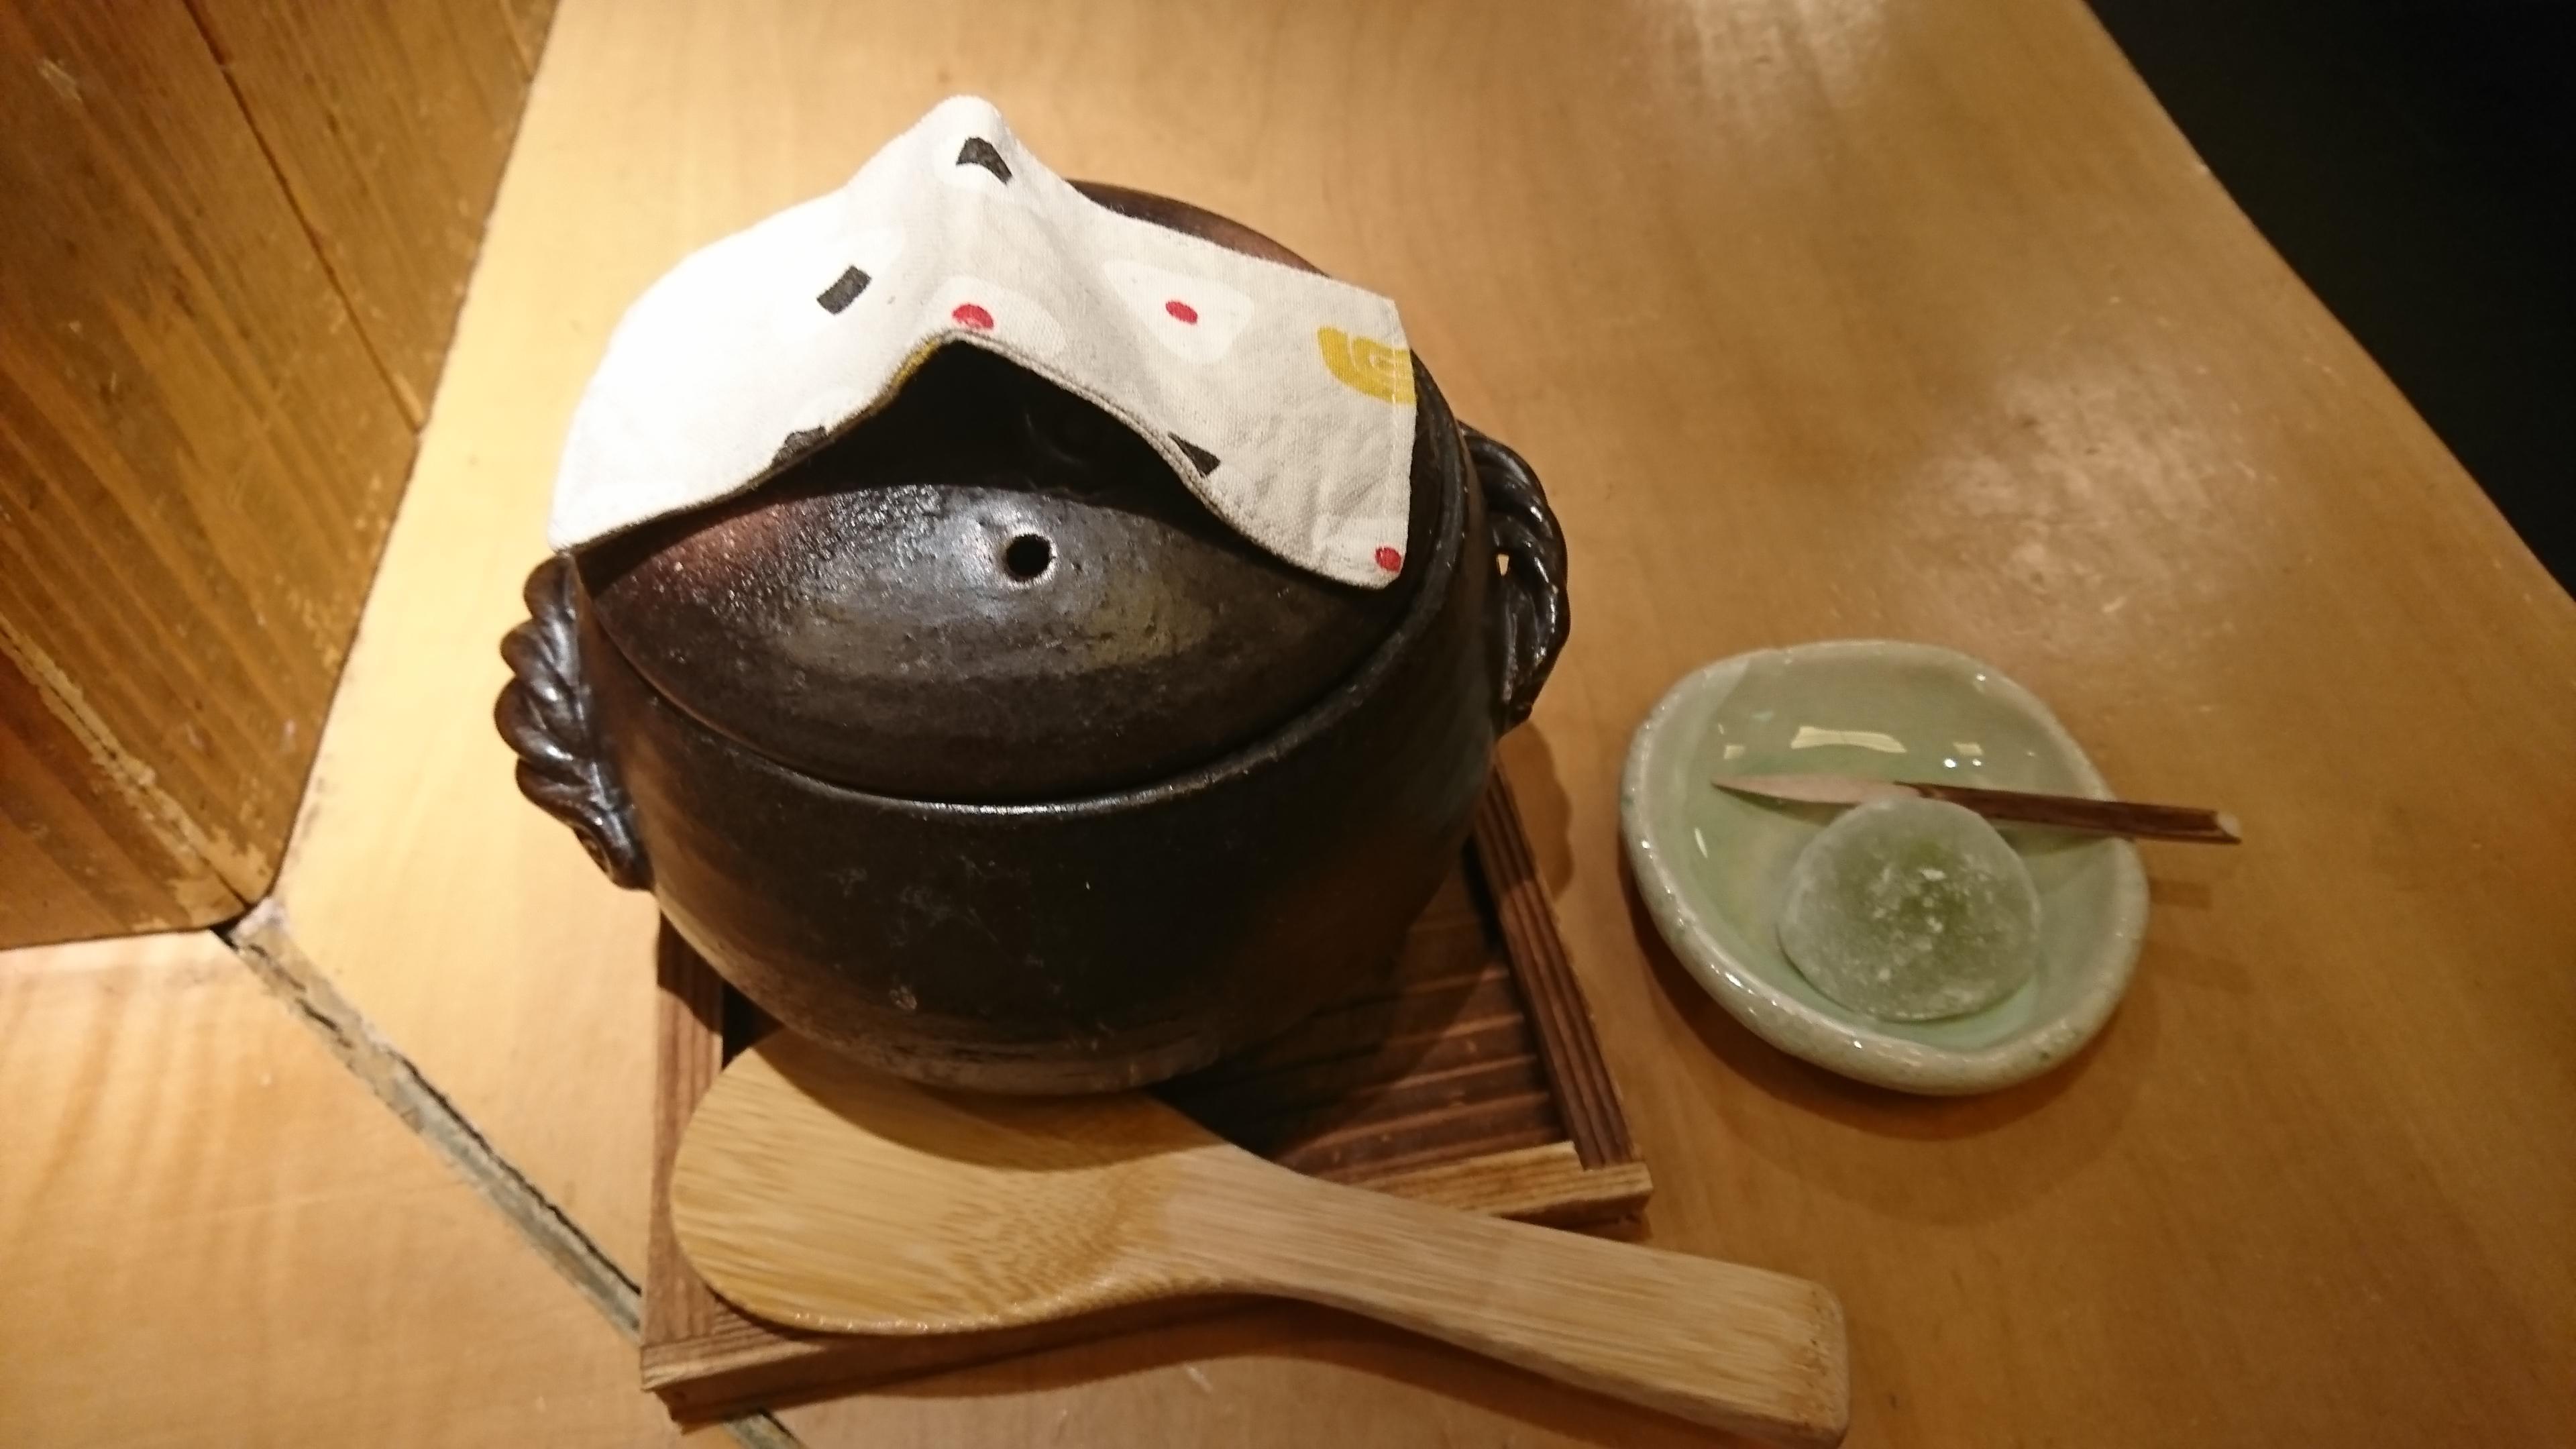 制作中! 一人用のご飯を炊く鍋